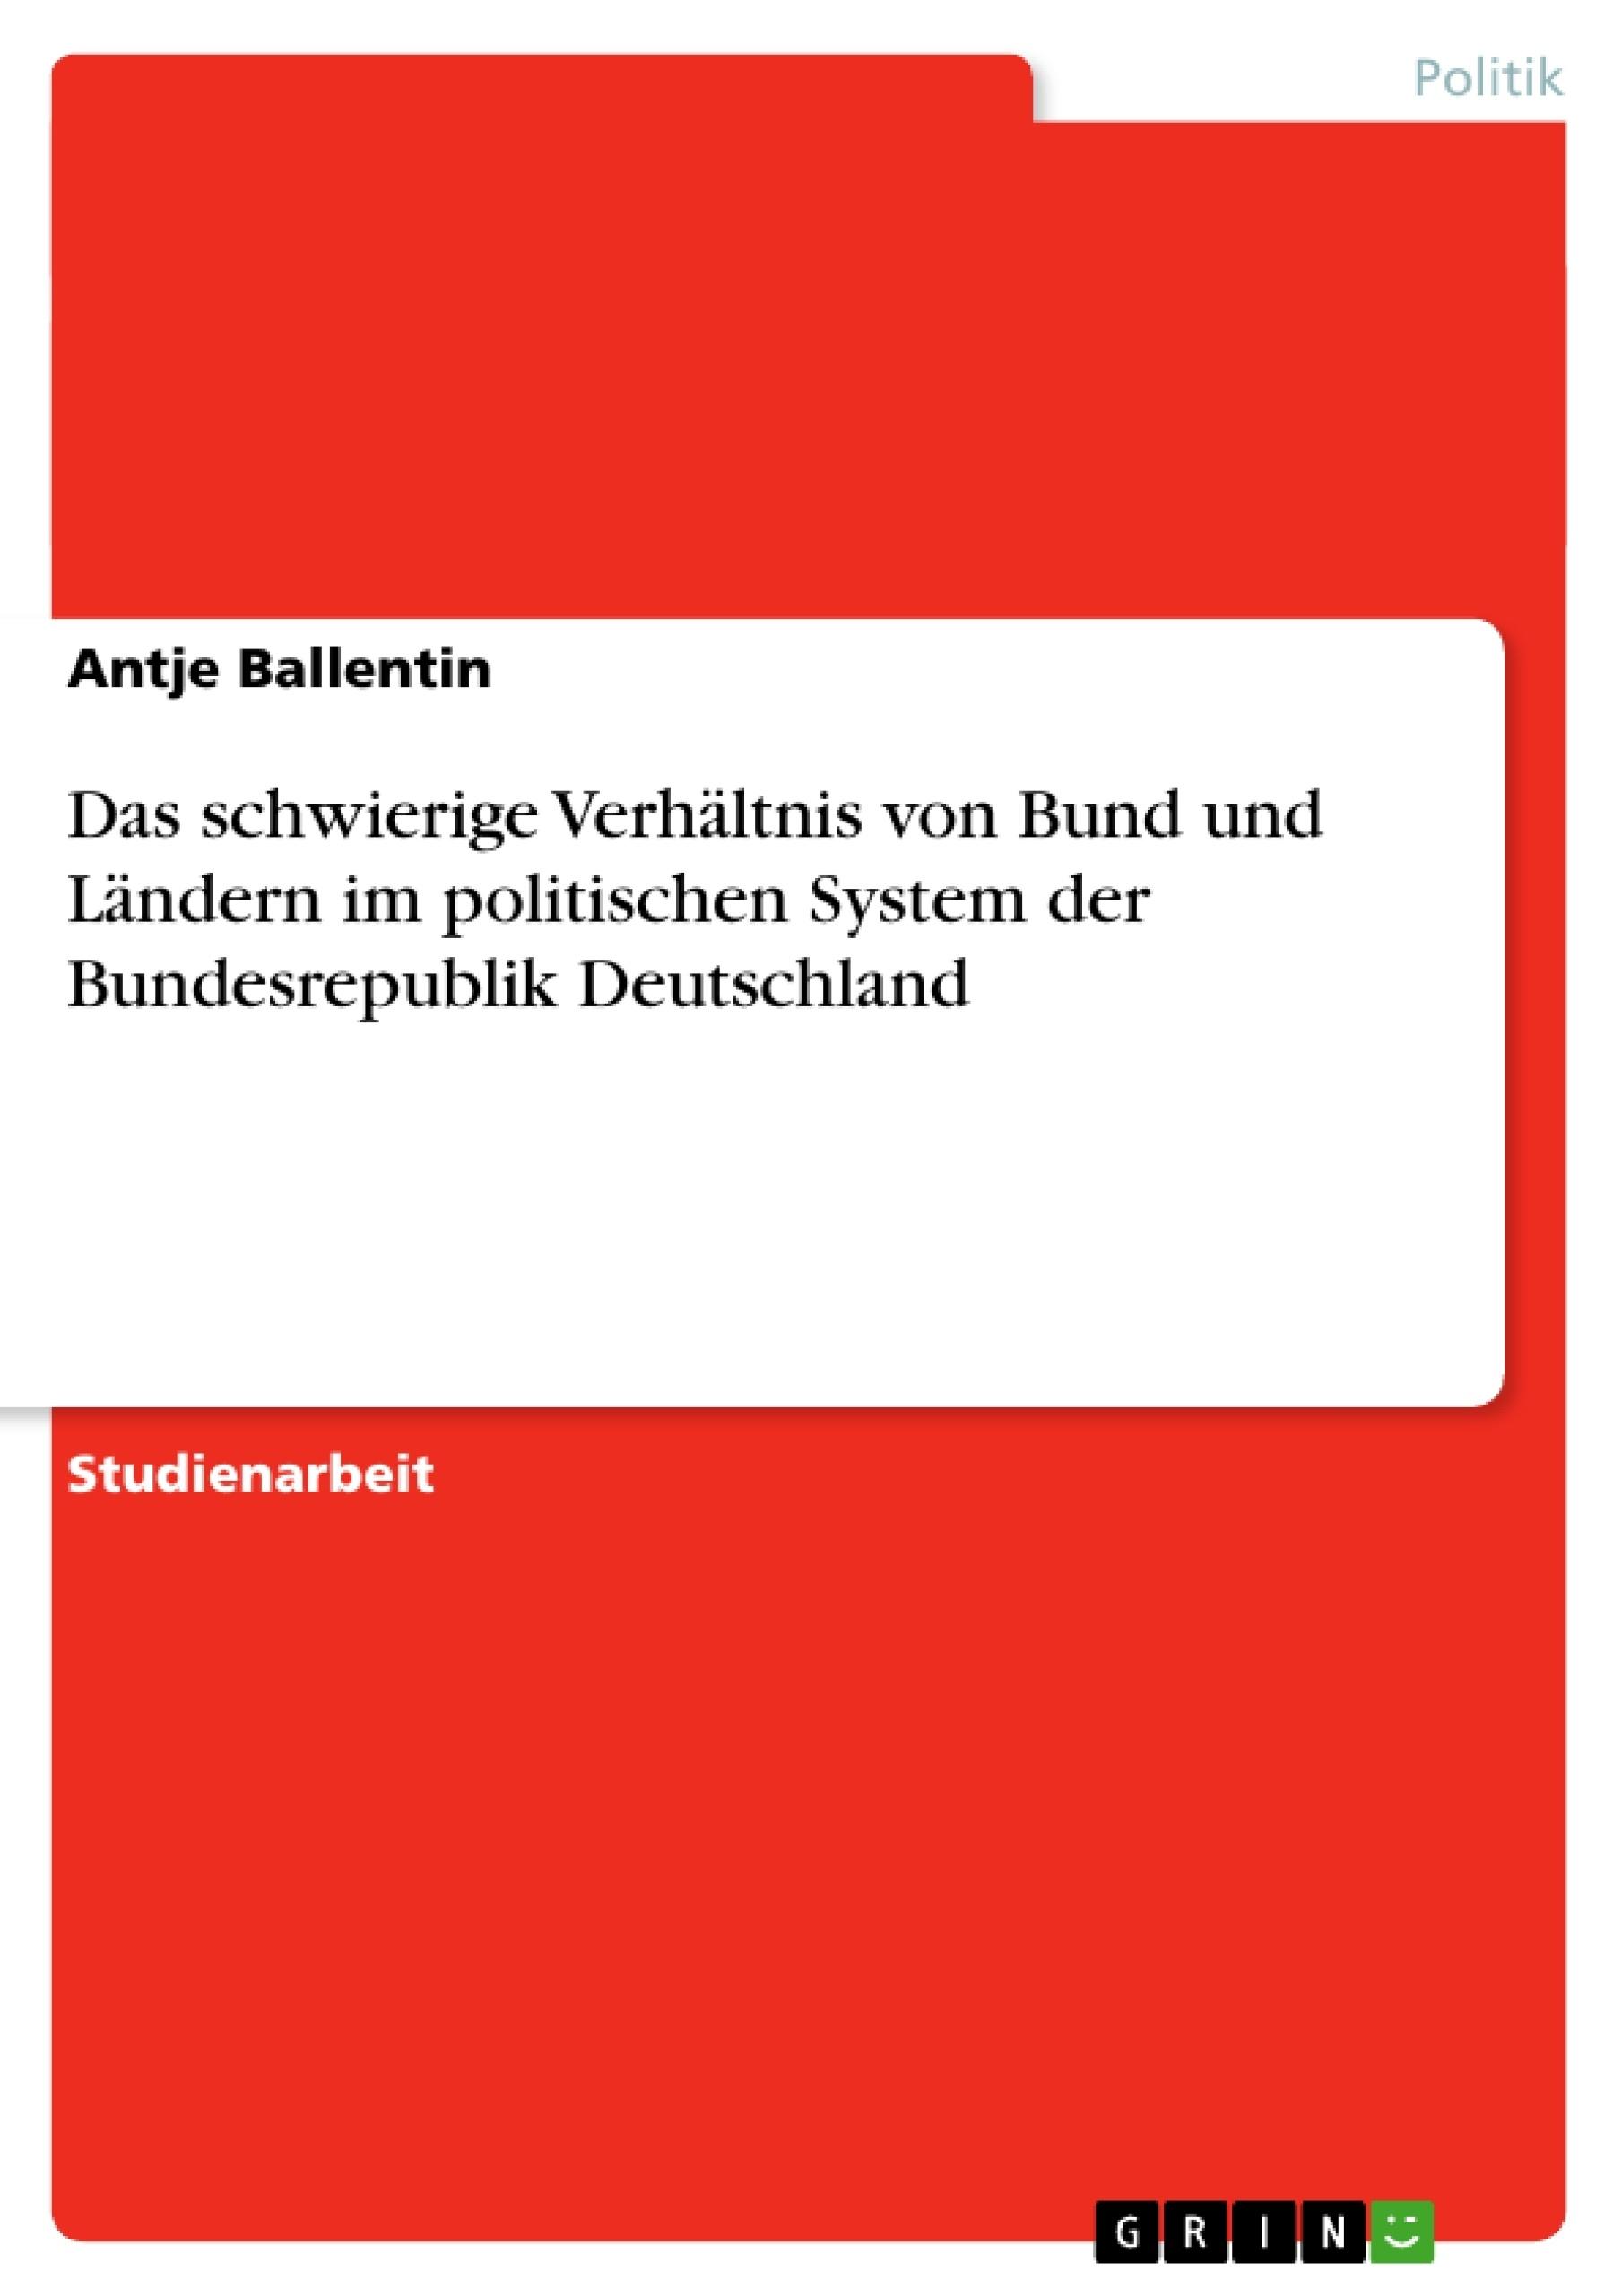 Titel: Das schwierige Verhältnis von Bund und Ländern im politischen System der Bundesrepublik Deutschland